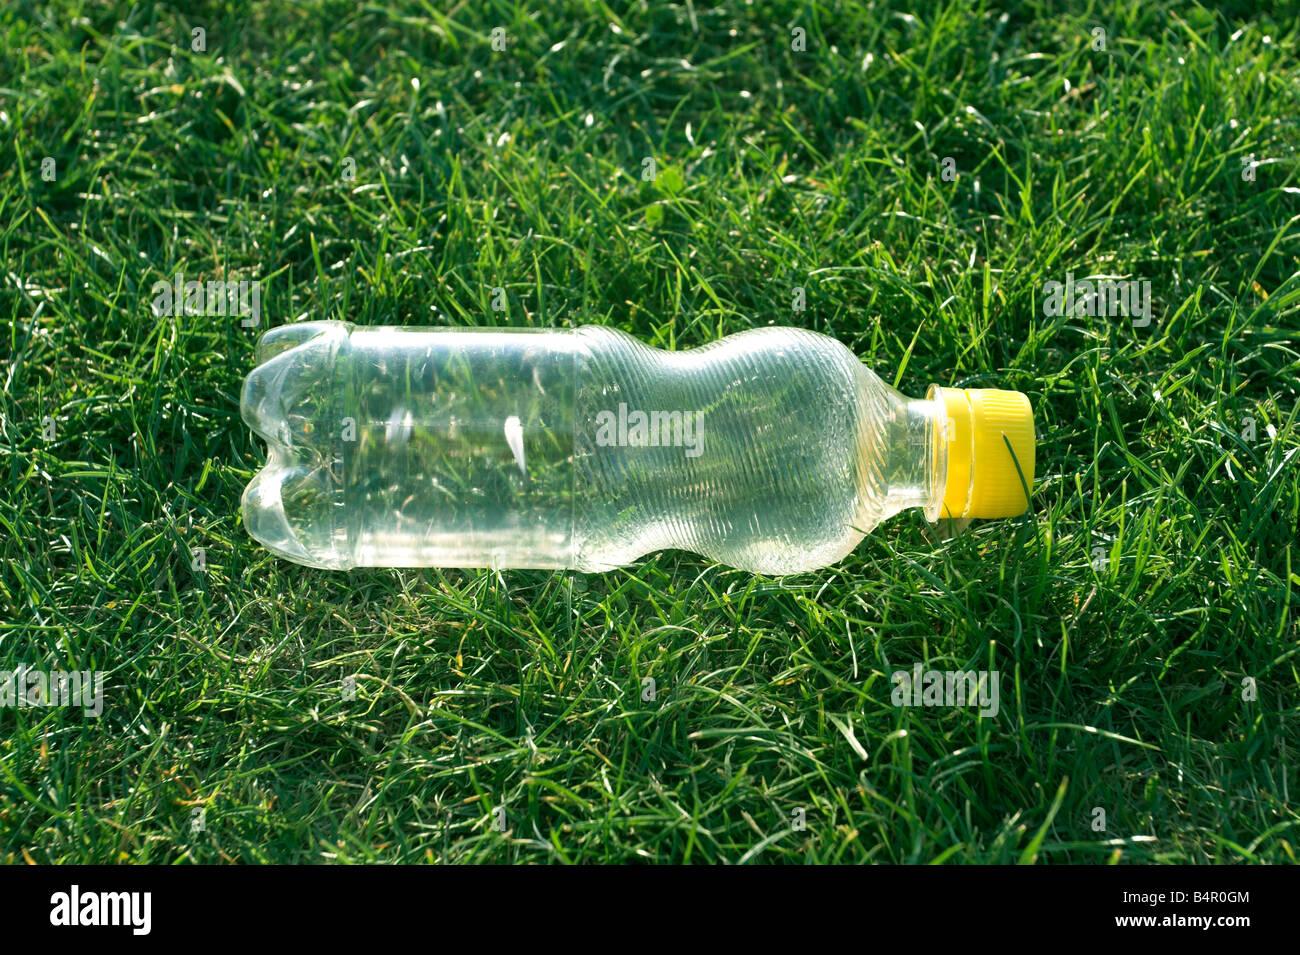 plastic bottle left on grass - Stock Image